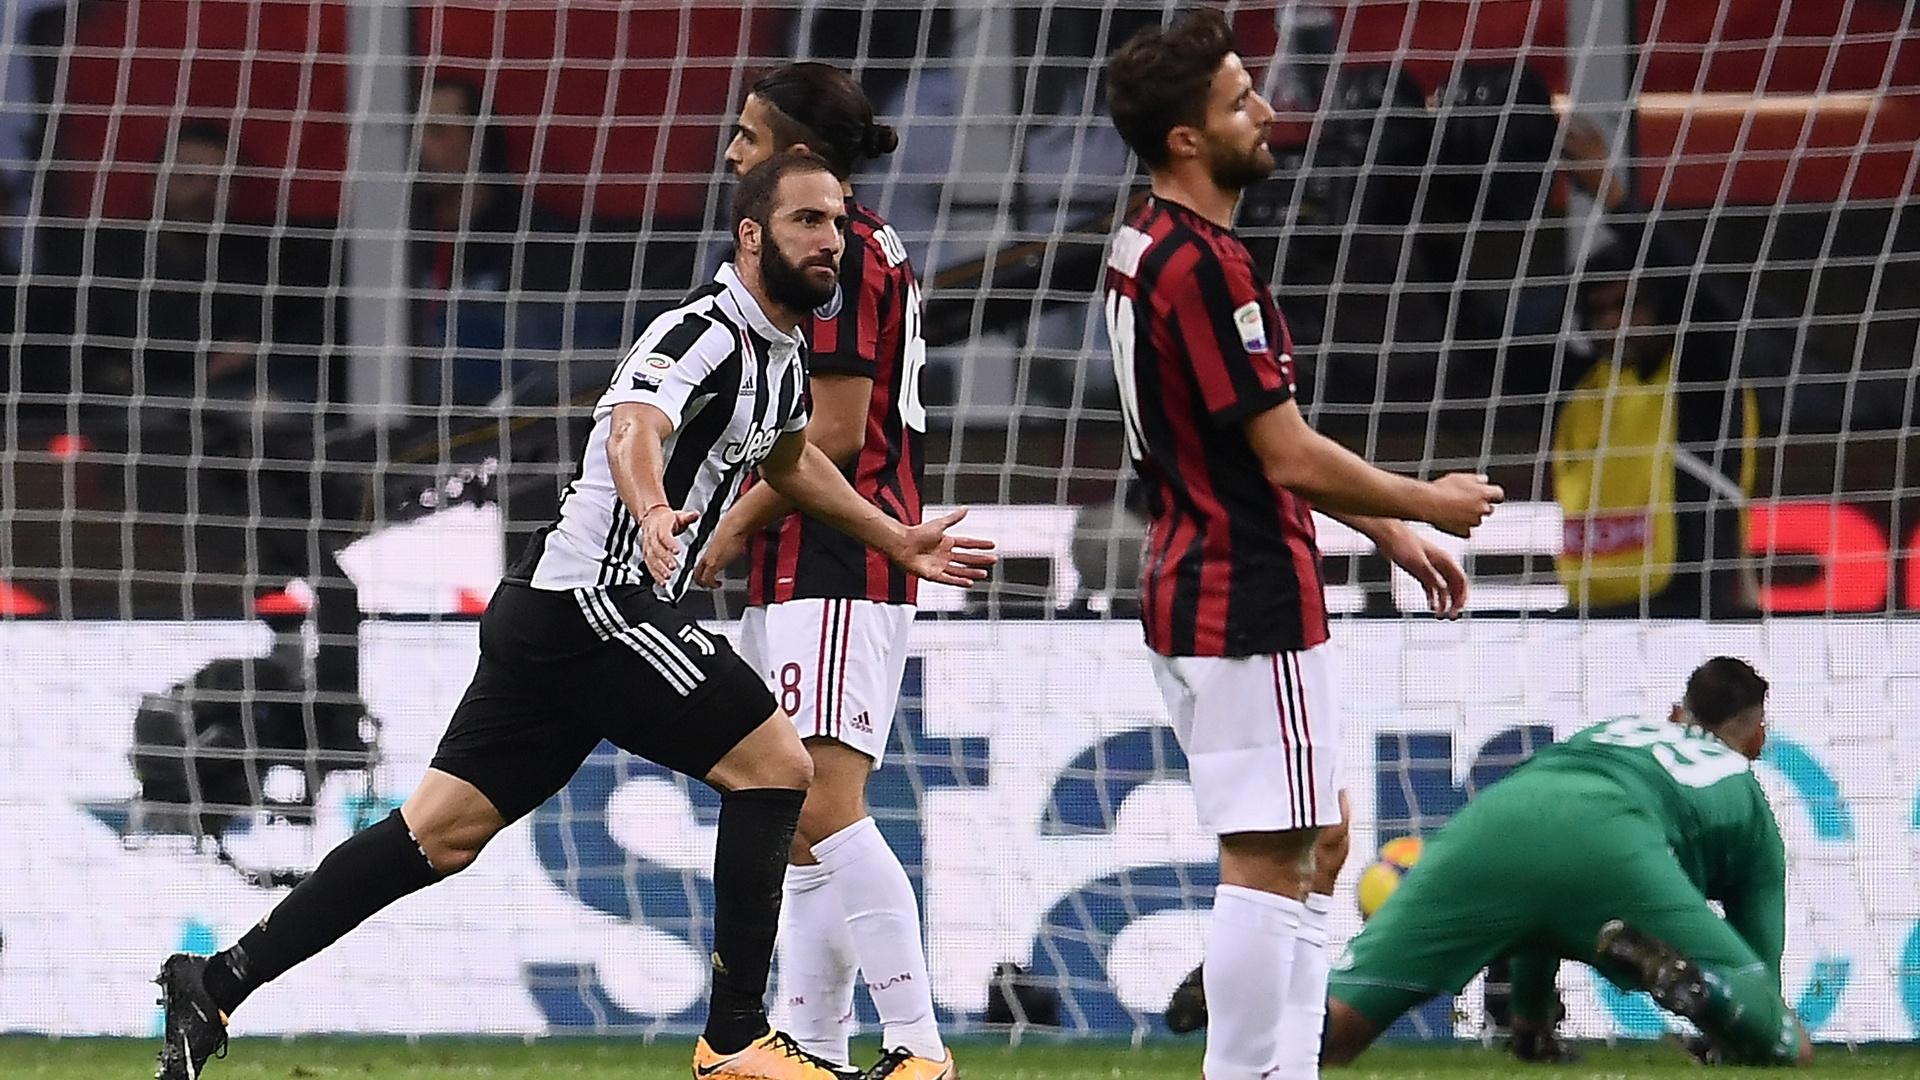 موعد مباراة يوفنتوس وميلان في نهائي كأس إيطاليا والقنوات الناقلة